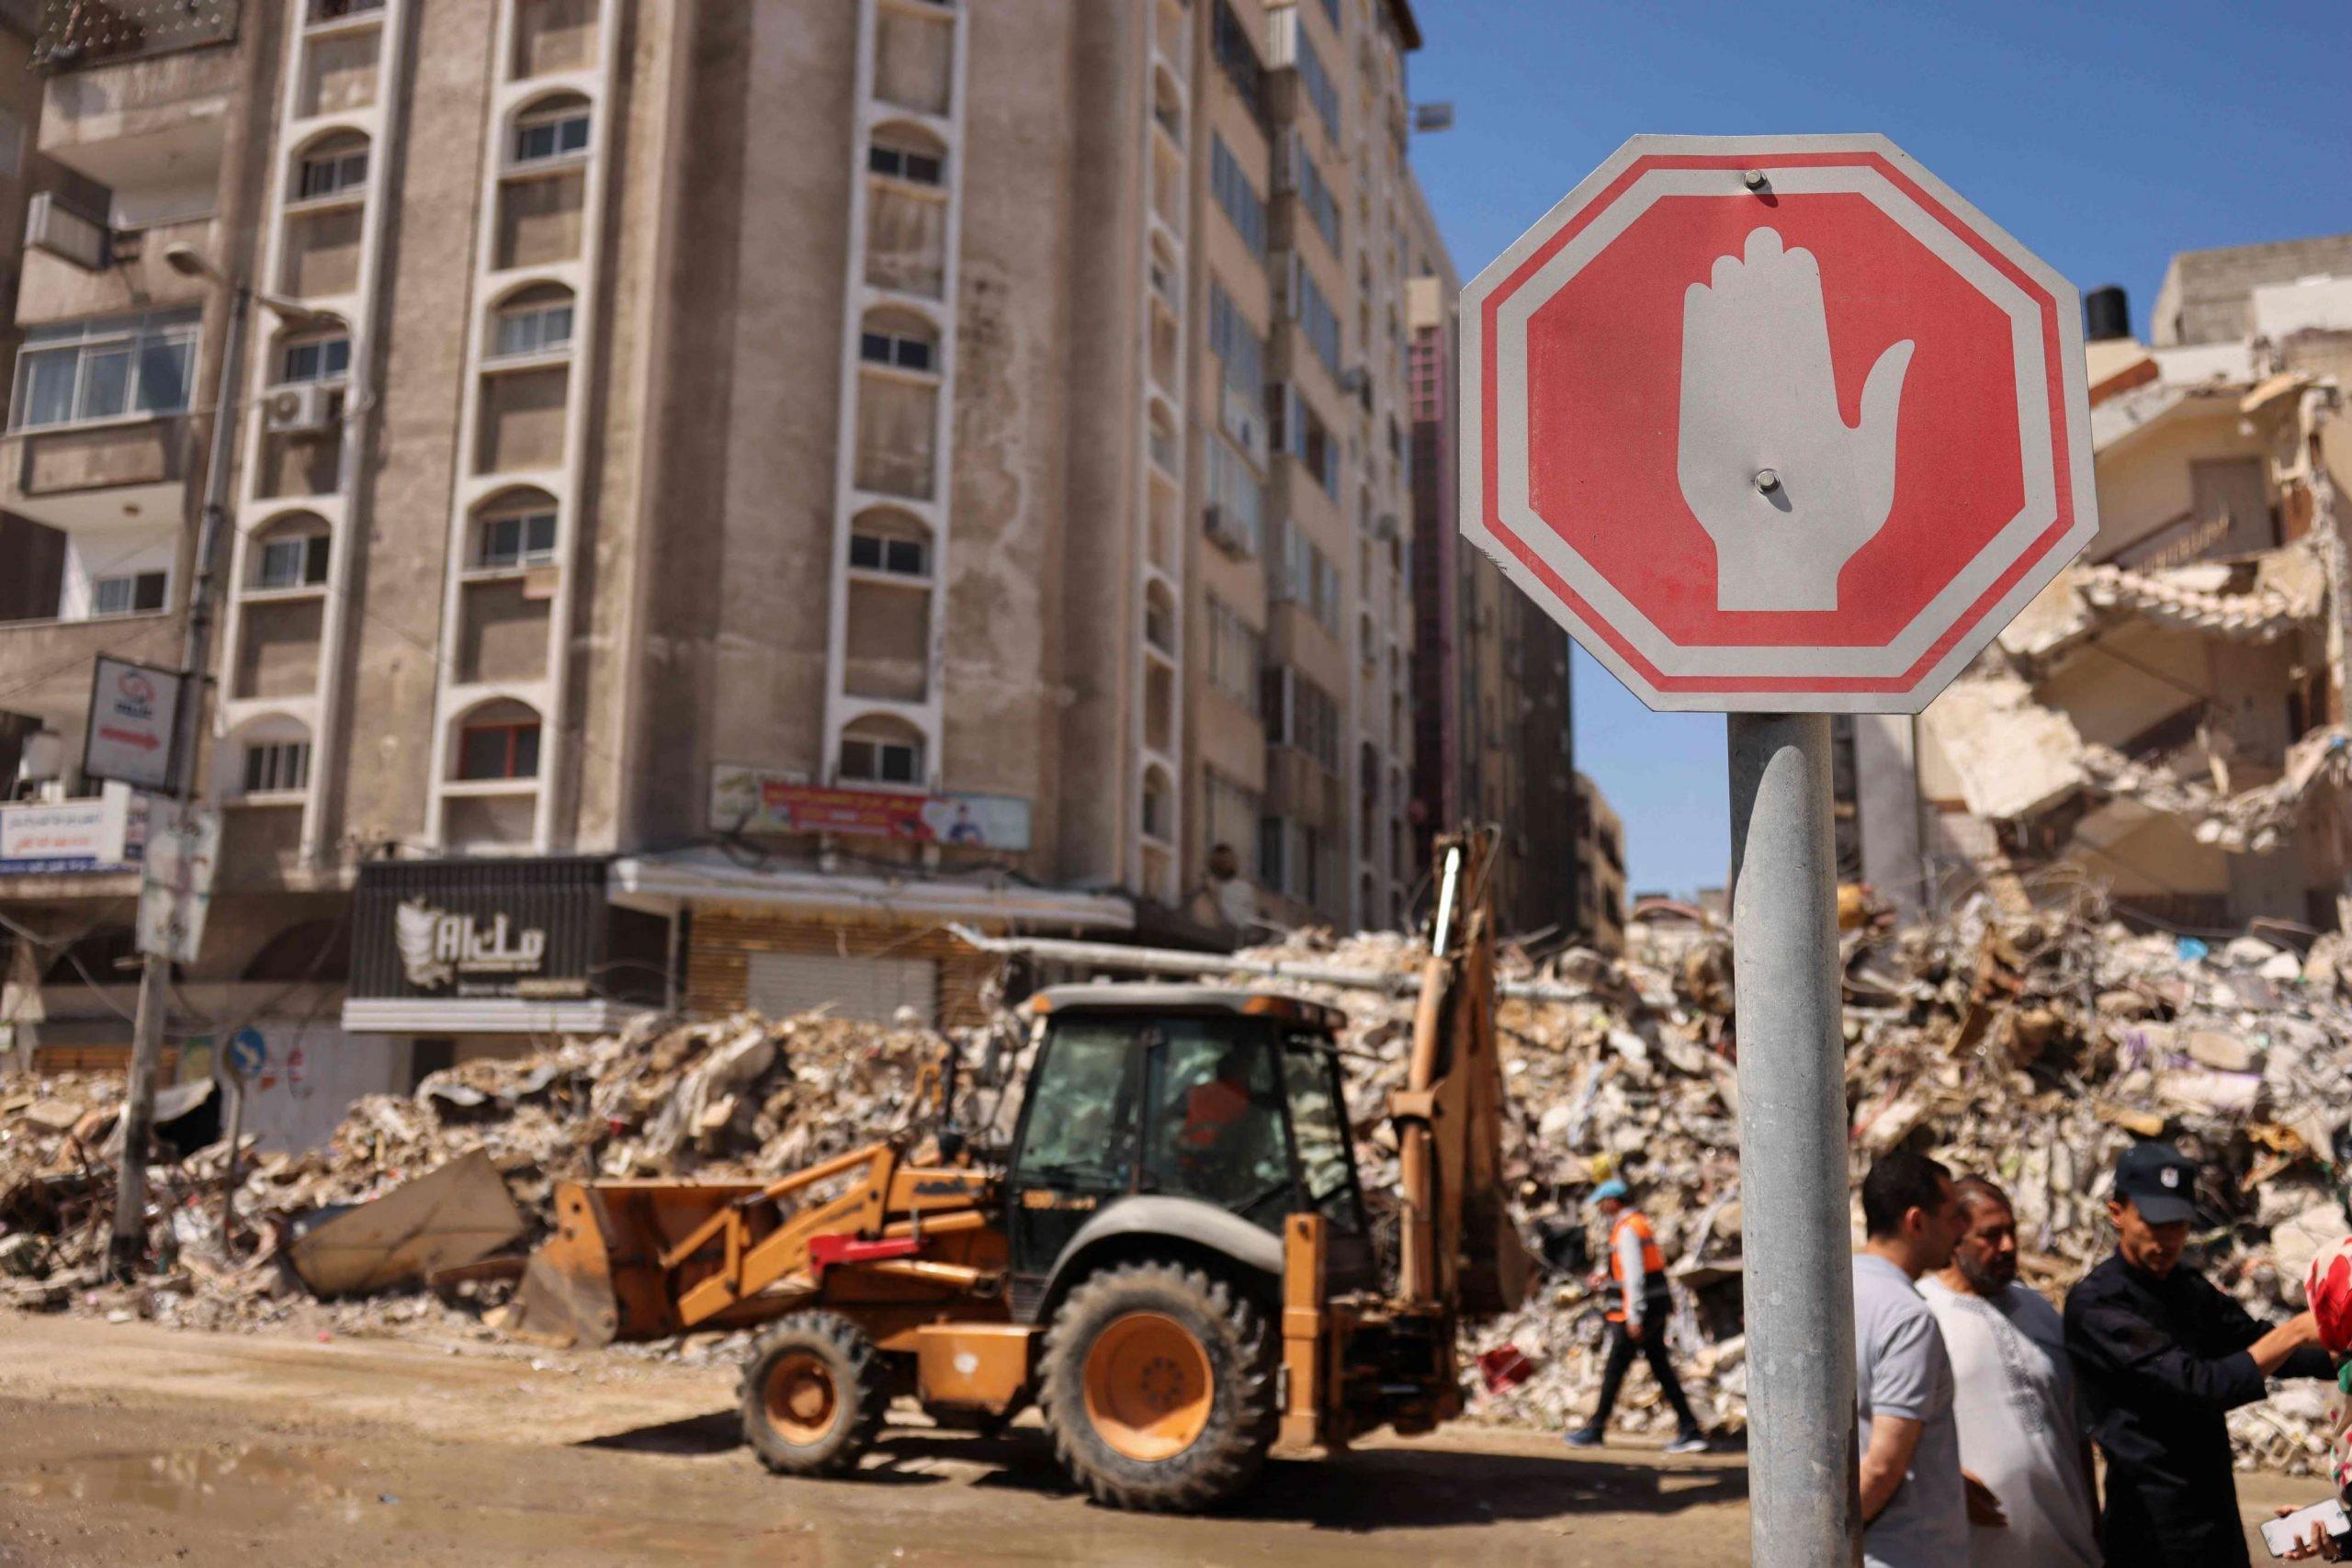 مركز الميزان يدعو لضغوطٍ جديّة على الاحتلال لإنهاء حصار غزّة